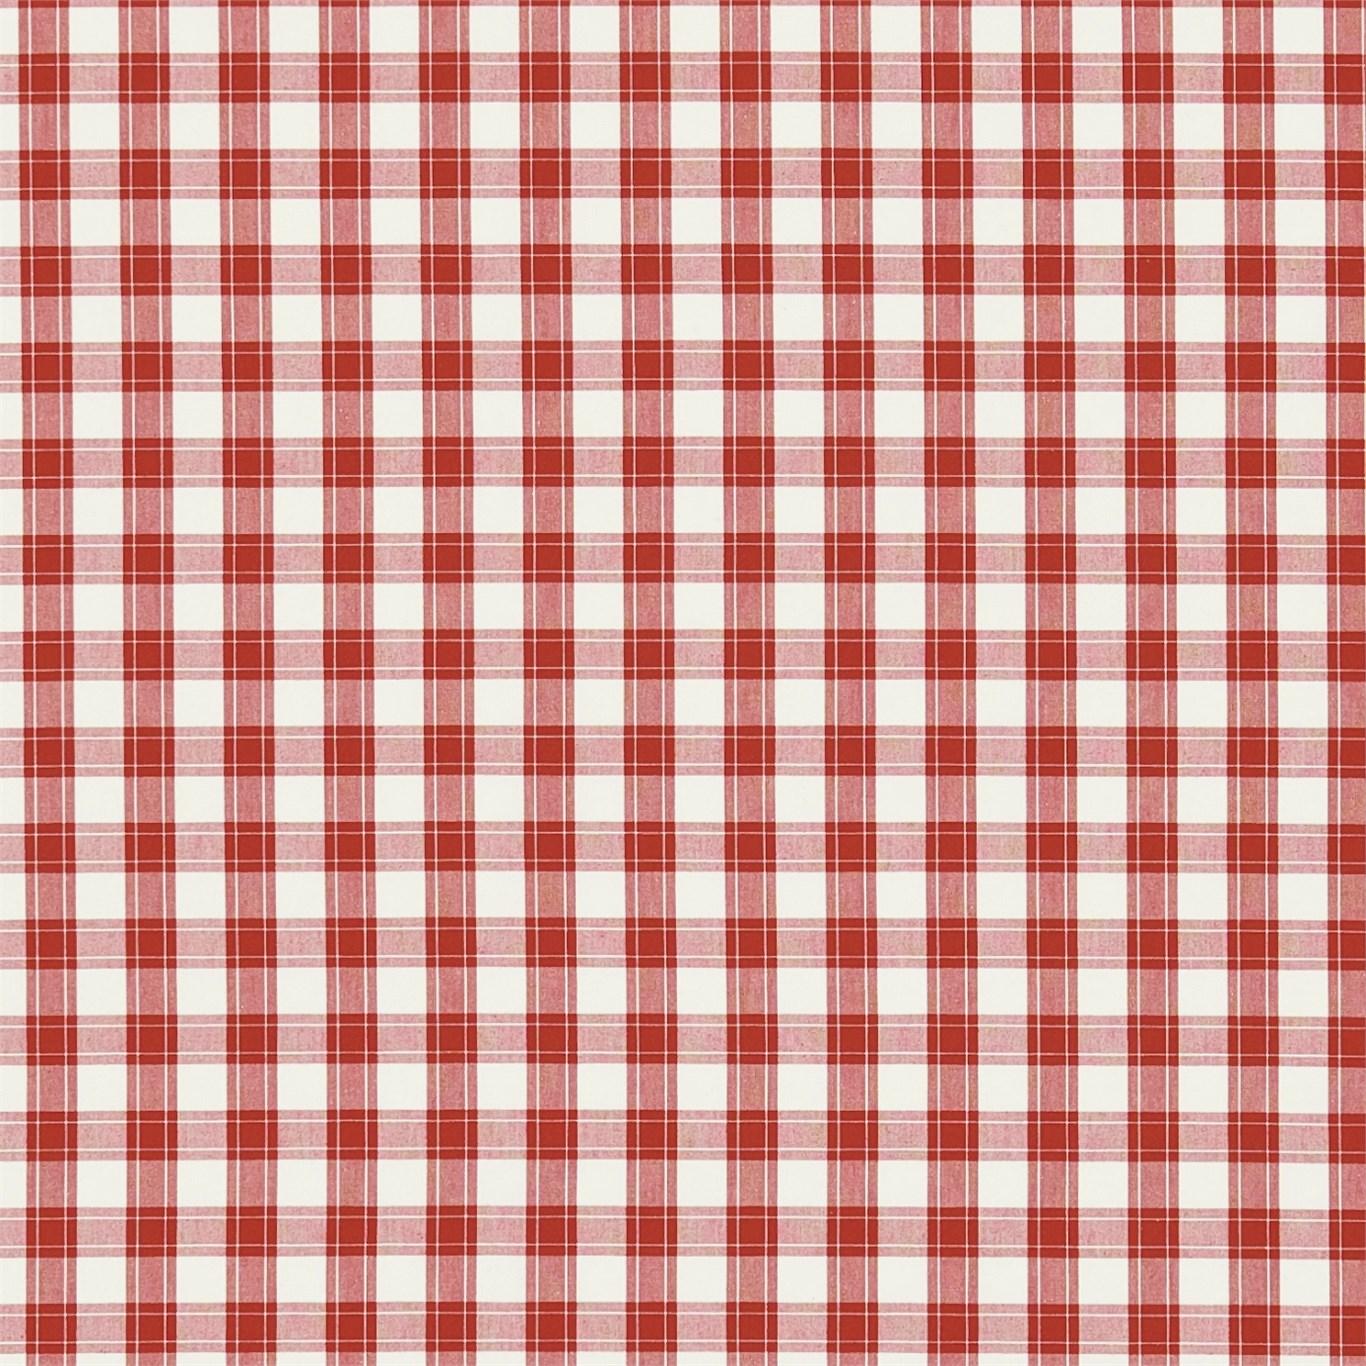 Appledore Röd